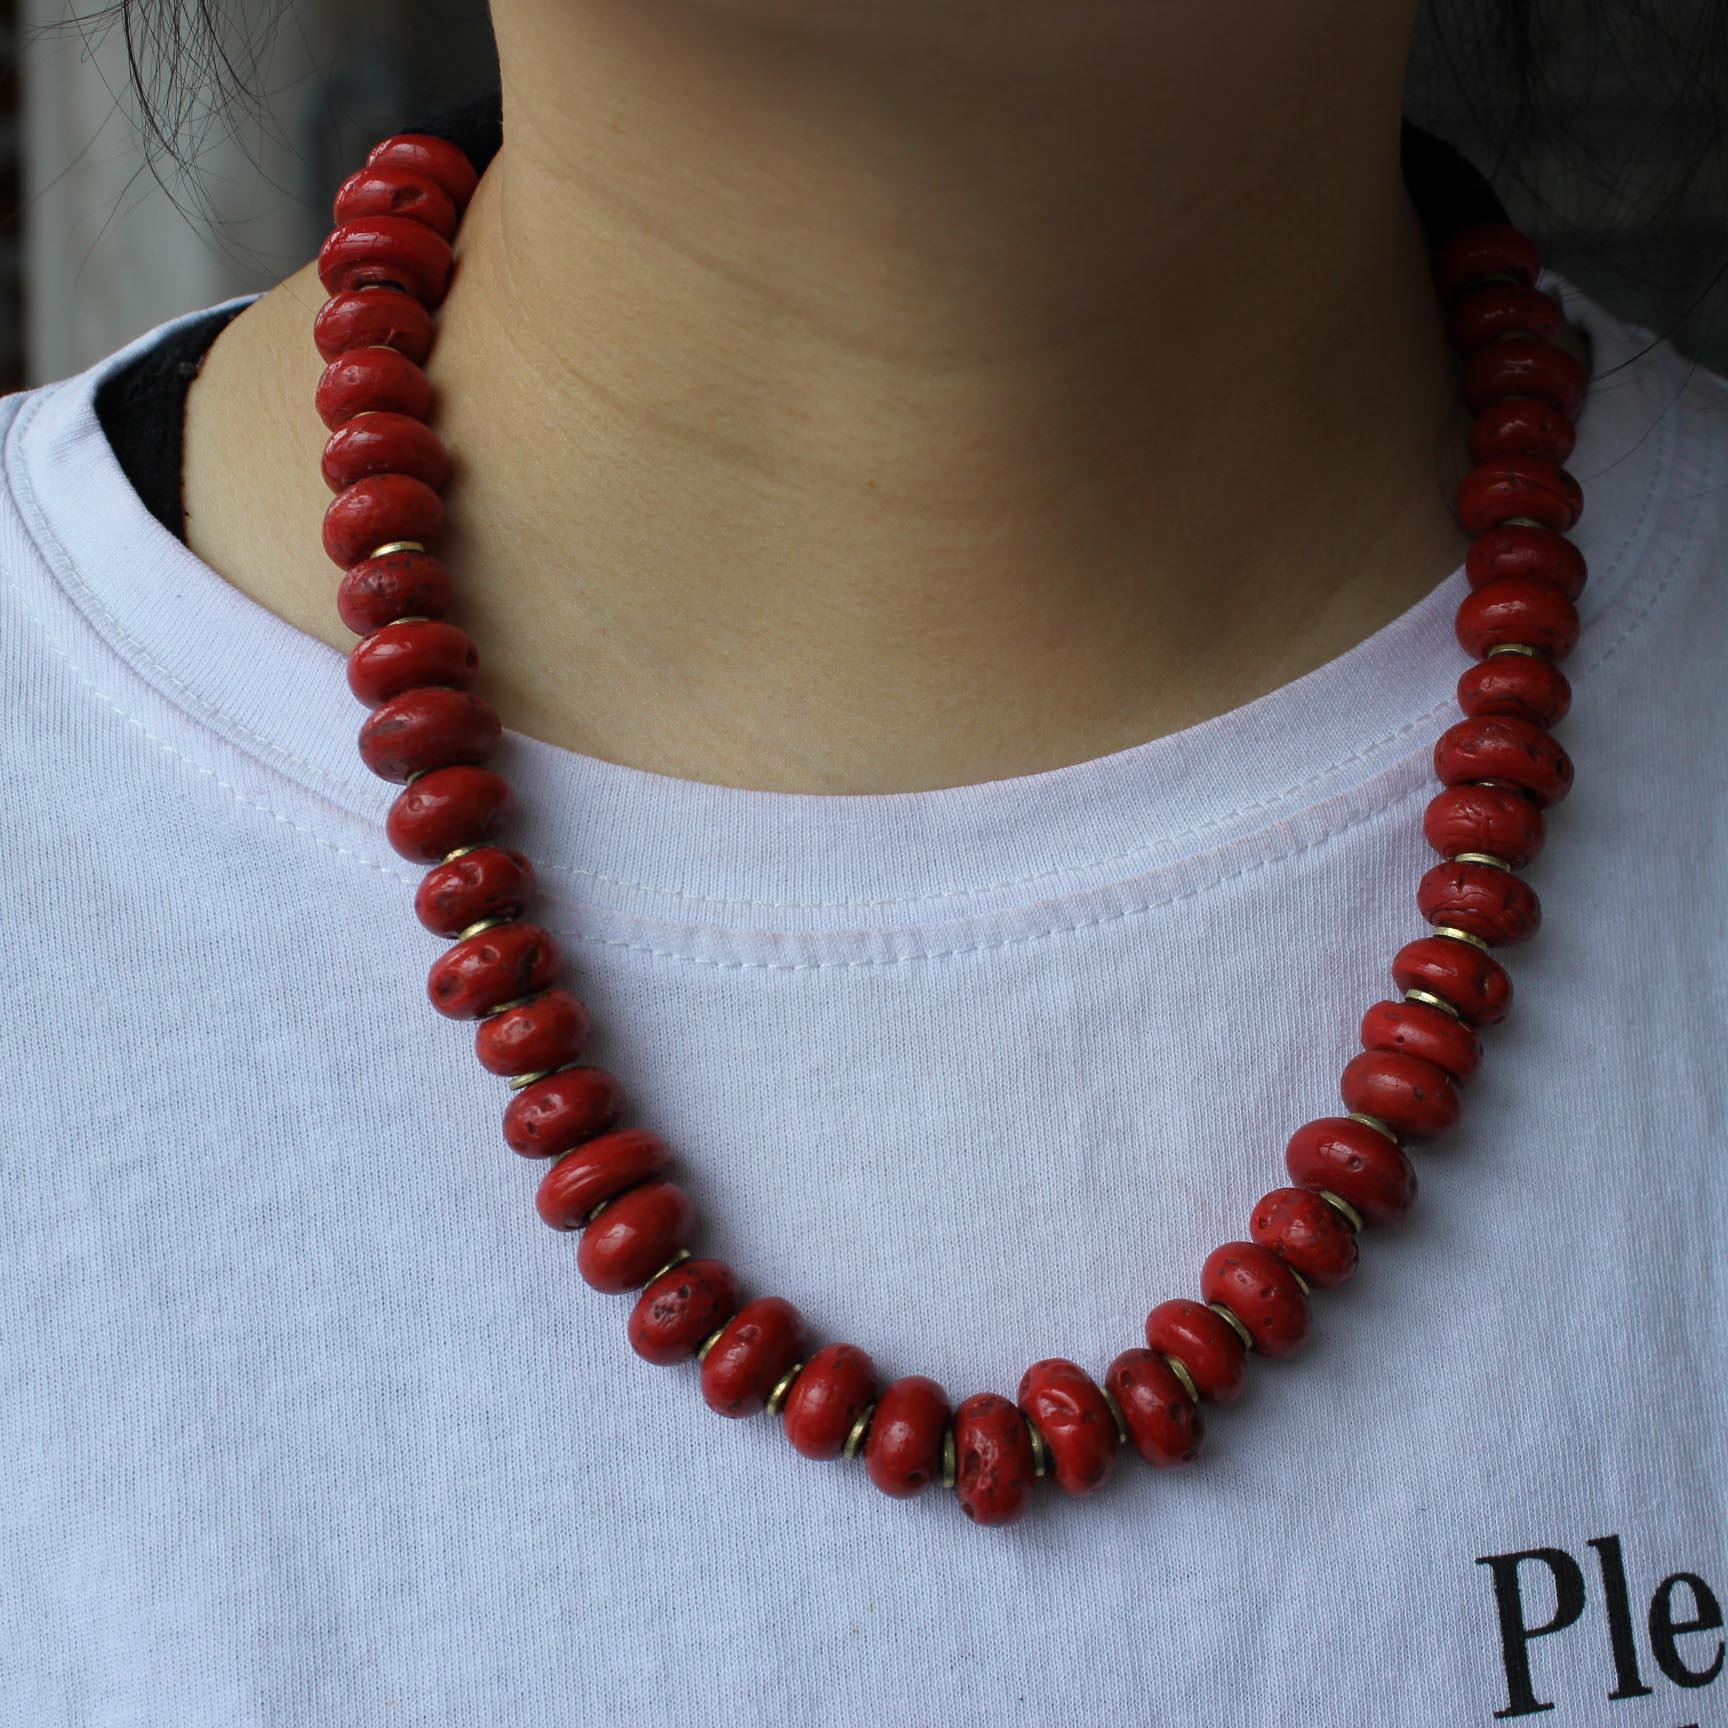 NK185 Vintage Tibetan զարդեր Red Coral Beads Women Վզնոց - Նորաձև զարդեր - Լուսանկար 5